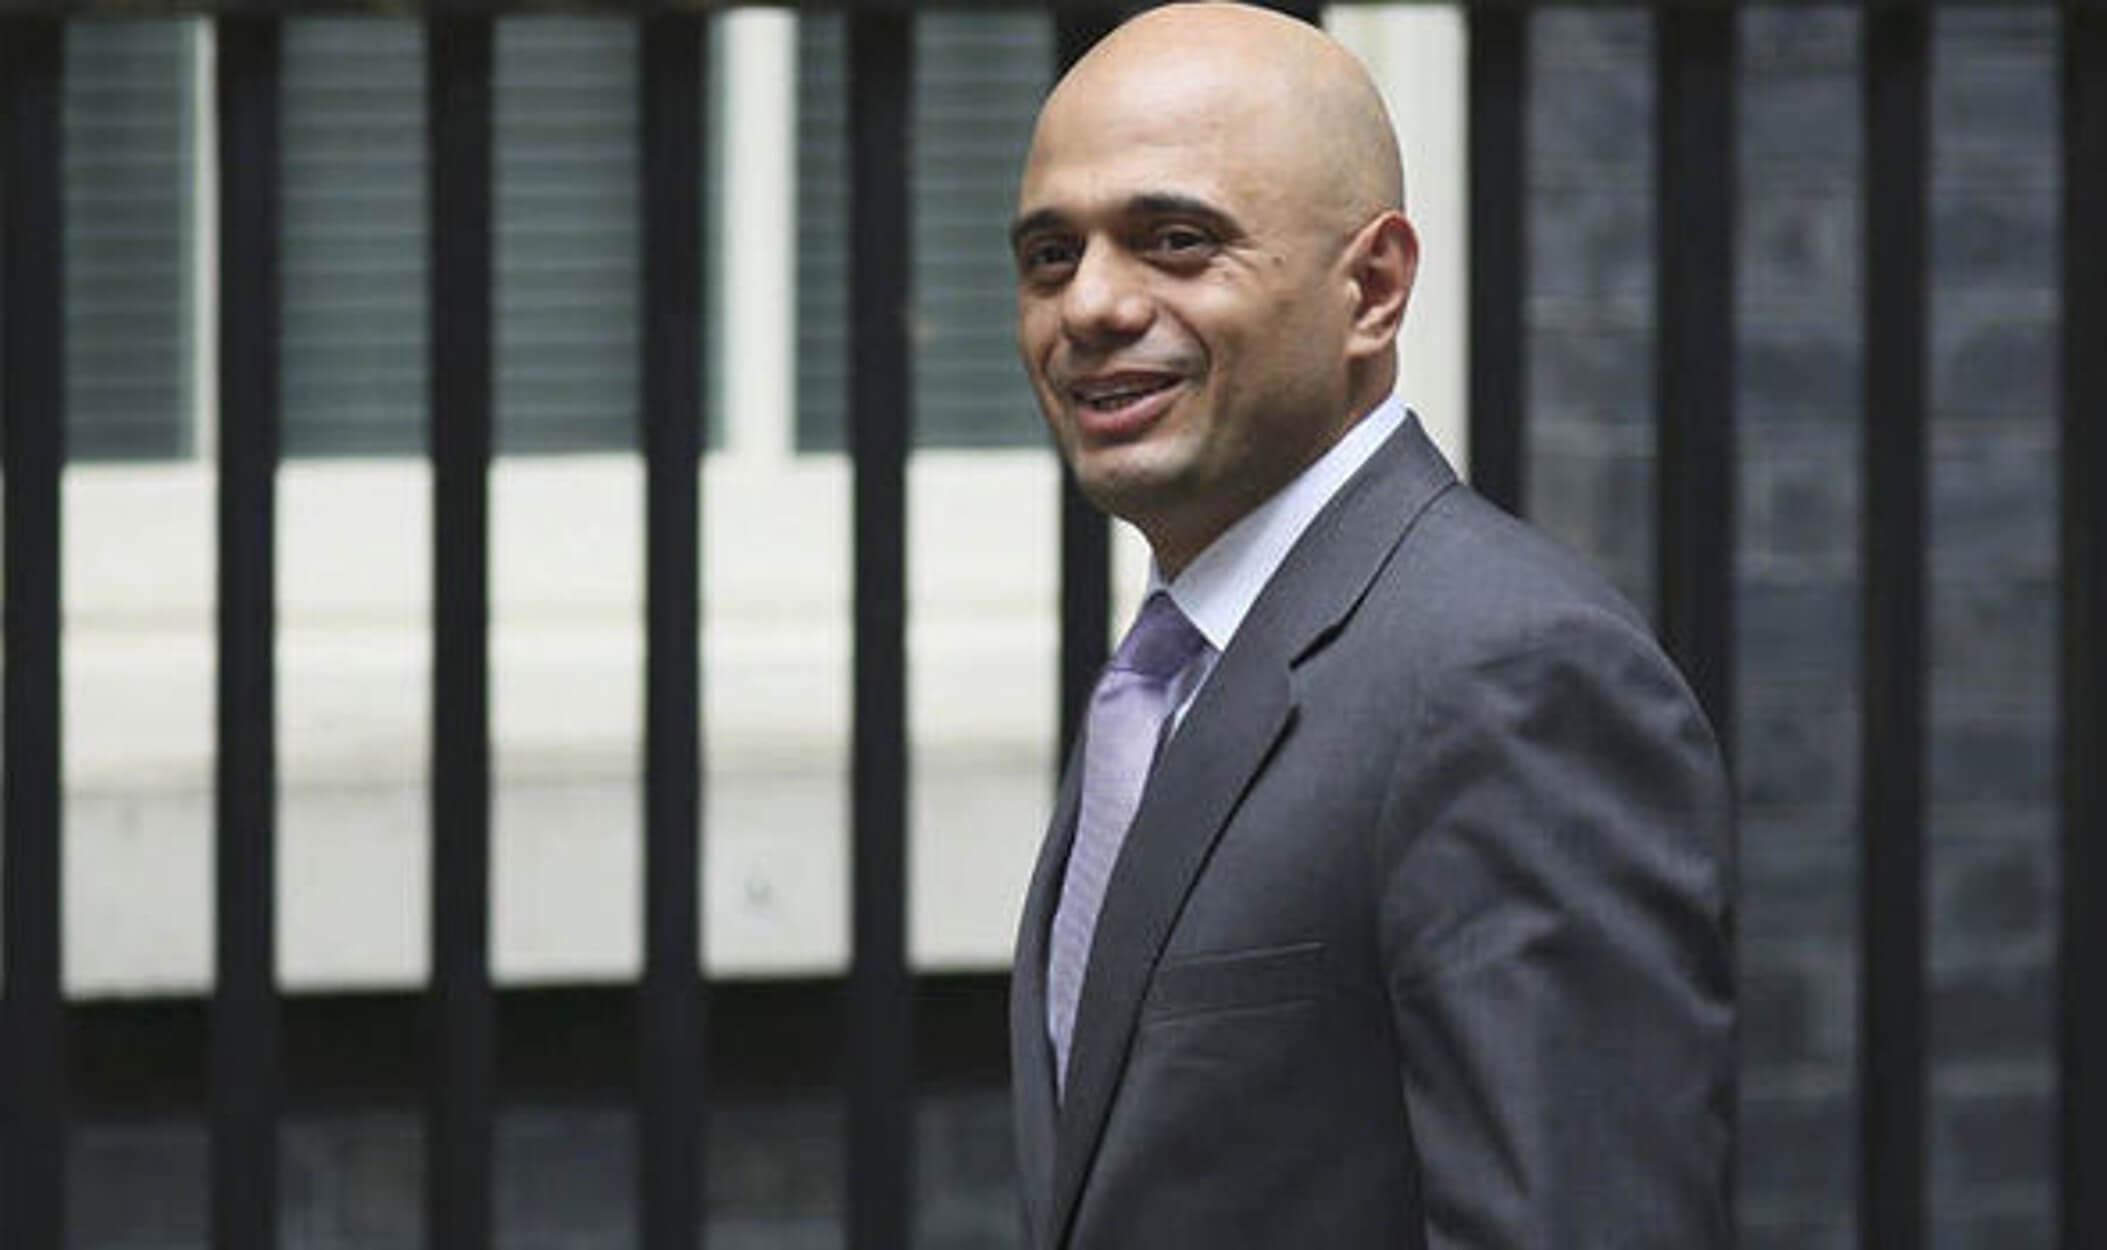 Βρετανία: Ο υπ. Εσωτερικών ζητά σκληρή αστυνομική στάση απέναντι στους διαδηλωτές